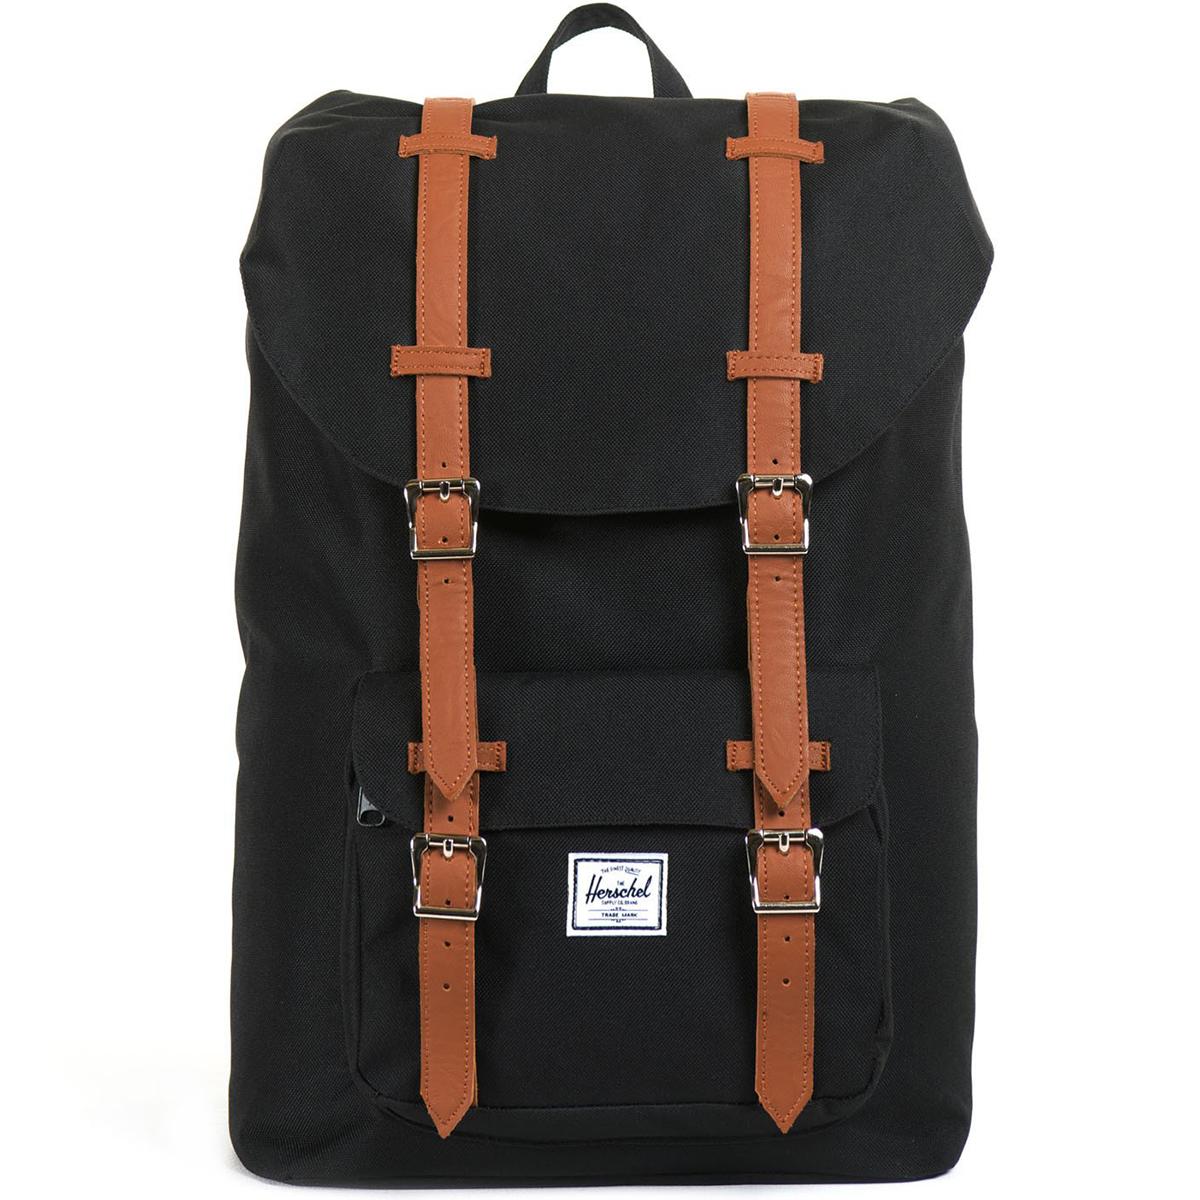 Рюкзак городской Herschel Little America (A/S), цвет: черный, светло-коричневый. 828432010431ЛЦ0036Рюкзак Herschel Little America ™ одна из самых значимых моделей, соединяя классический альпинистский стиль с современной функциональностью. Для повседневного использования.